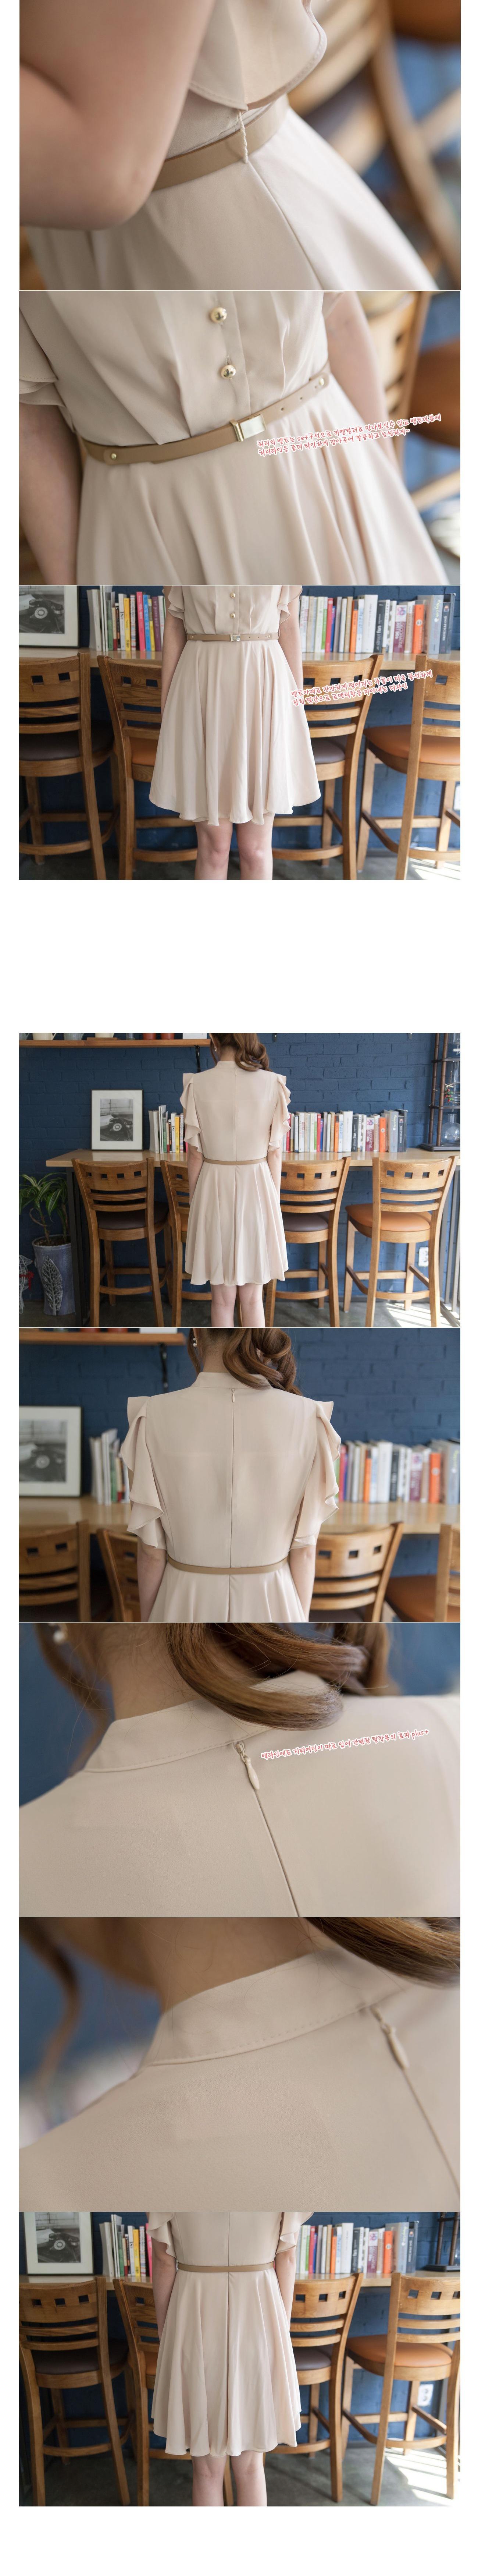 Hình ảnh nguồn hàng Váy công sở phong cách Hàn Quốc giá sỉ quảng châu taobao 1688 trung quốc về TpHCM